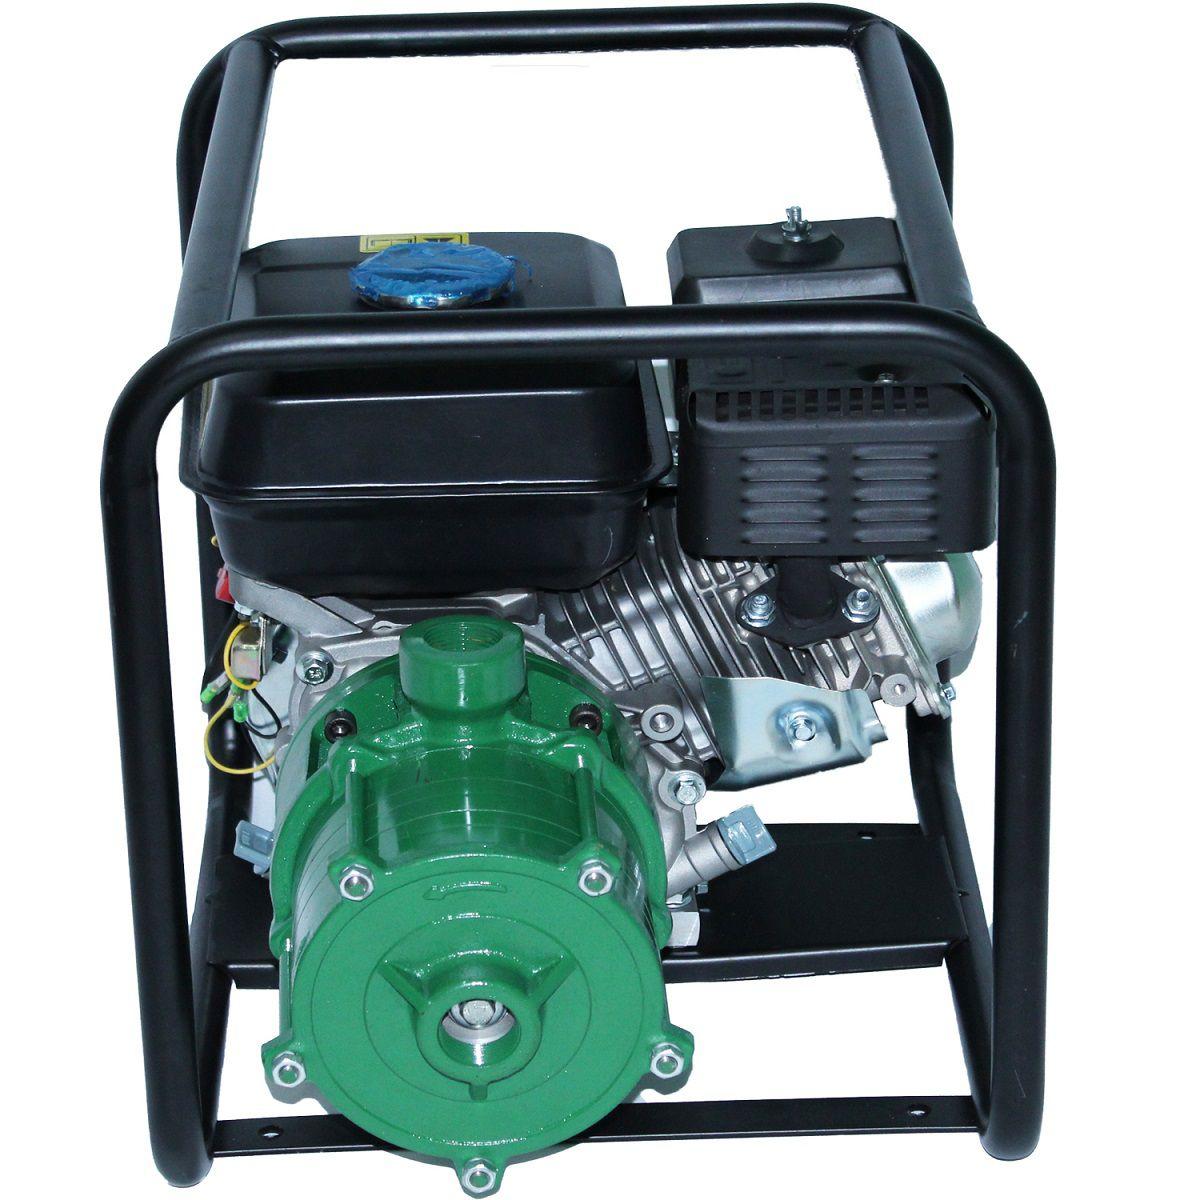 Motobomba 4 Estágios Irrigação Alta Pressão 5.5hp Gasolina 70MCA